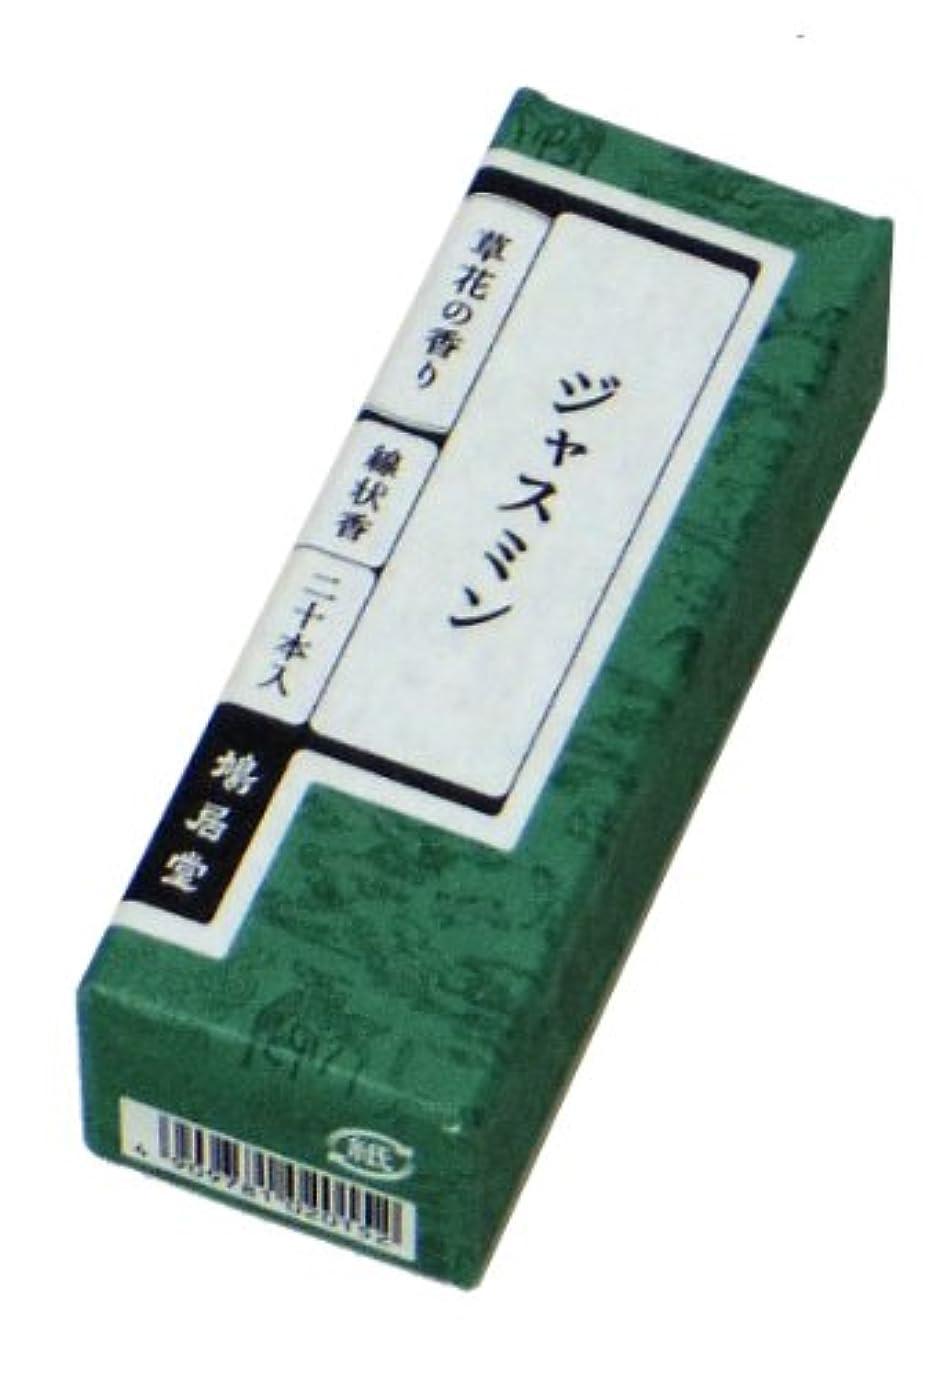 お嬢回転するアカデミー鳩居堂のお香 草花の香り ジャスミン 20本入 6cm